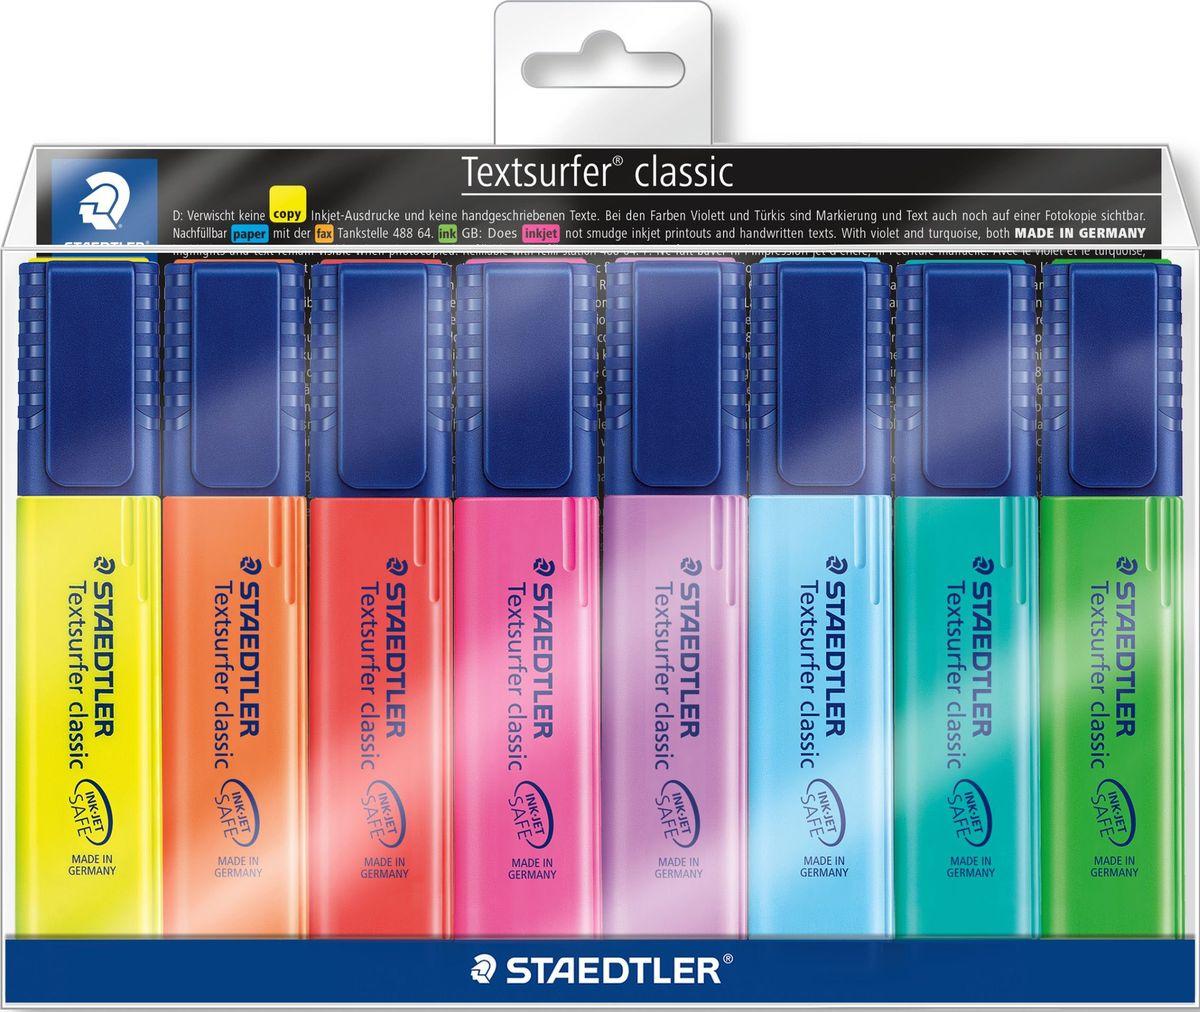 Staedtler Набор текстовыделителей Сlassic 364 8 цветов364WP803Набор текcтовыделителей Staedtler Сlassic 364 из 8 цветов подходит для копирования, для работы на бумаге, факсовой бумаге и копиях. Каждый текстовыделитель имеет скошенный пишущий узел и ультрамягкую кисточку. Большой объем чернил для экстра долгой службы. Быстро высыхает, слабый запах. Безопасно для струйных принтеров - не смазывает распечатки и написанный текст. Корпус и колпачок из полипропилена гарантируют долгий срок службы.Безопасно для самолетов - автоматическое выравнивание давления предотвращает от вытекания чернил на борту самолета.